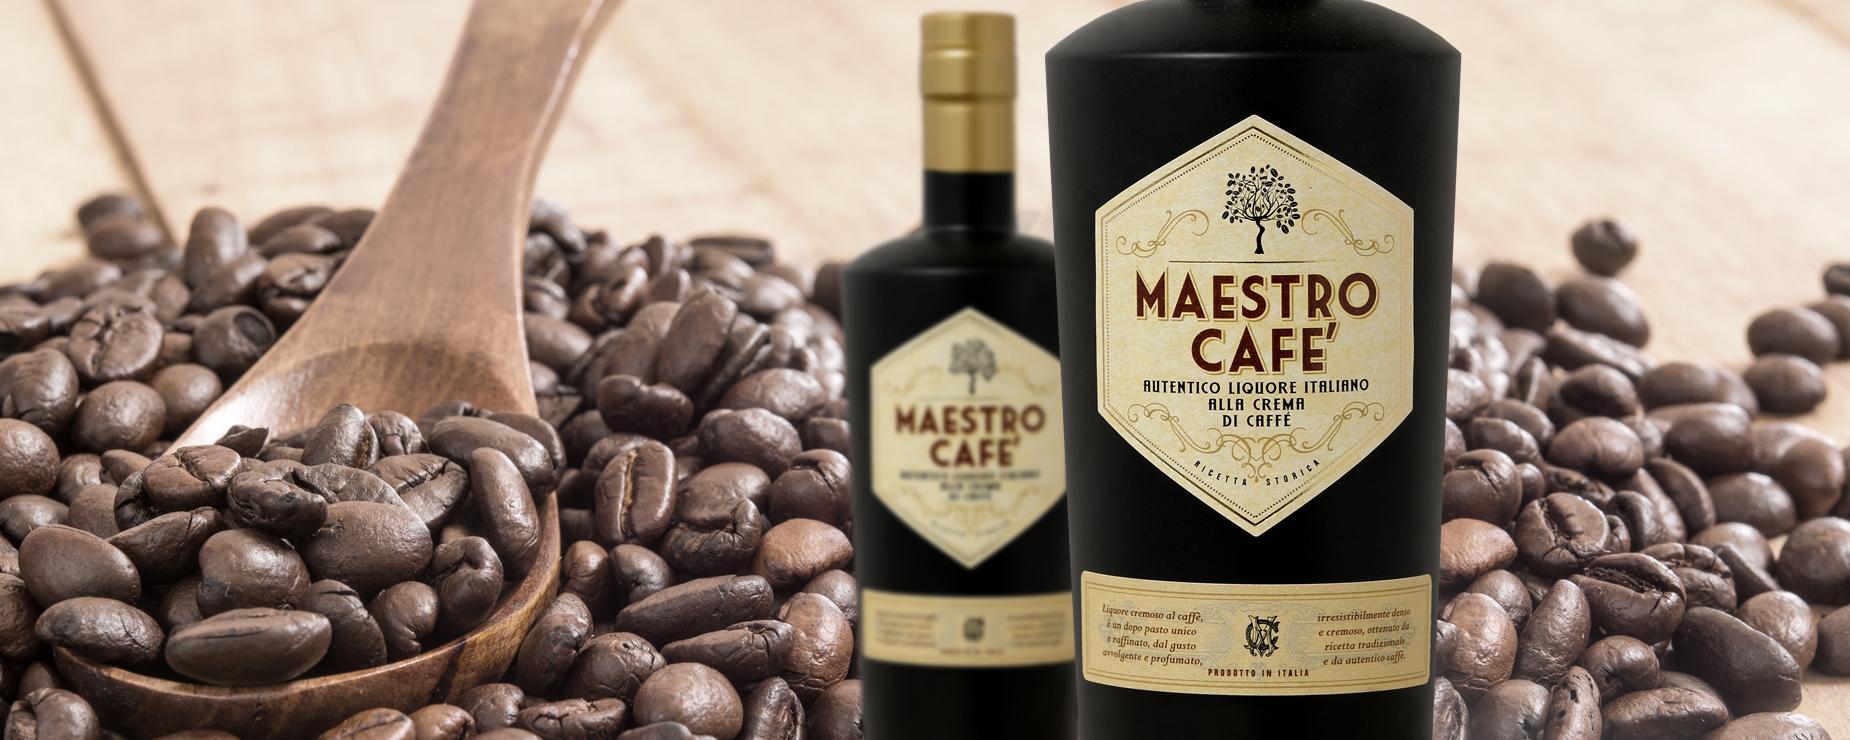 Verrijk uw koffie met Italiaanse likeuren